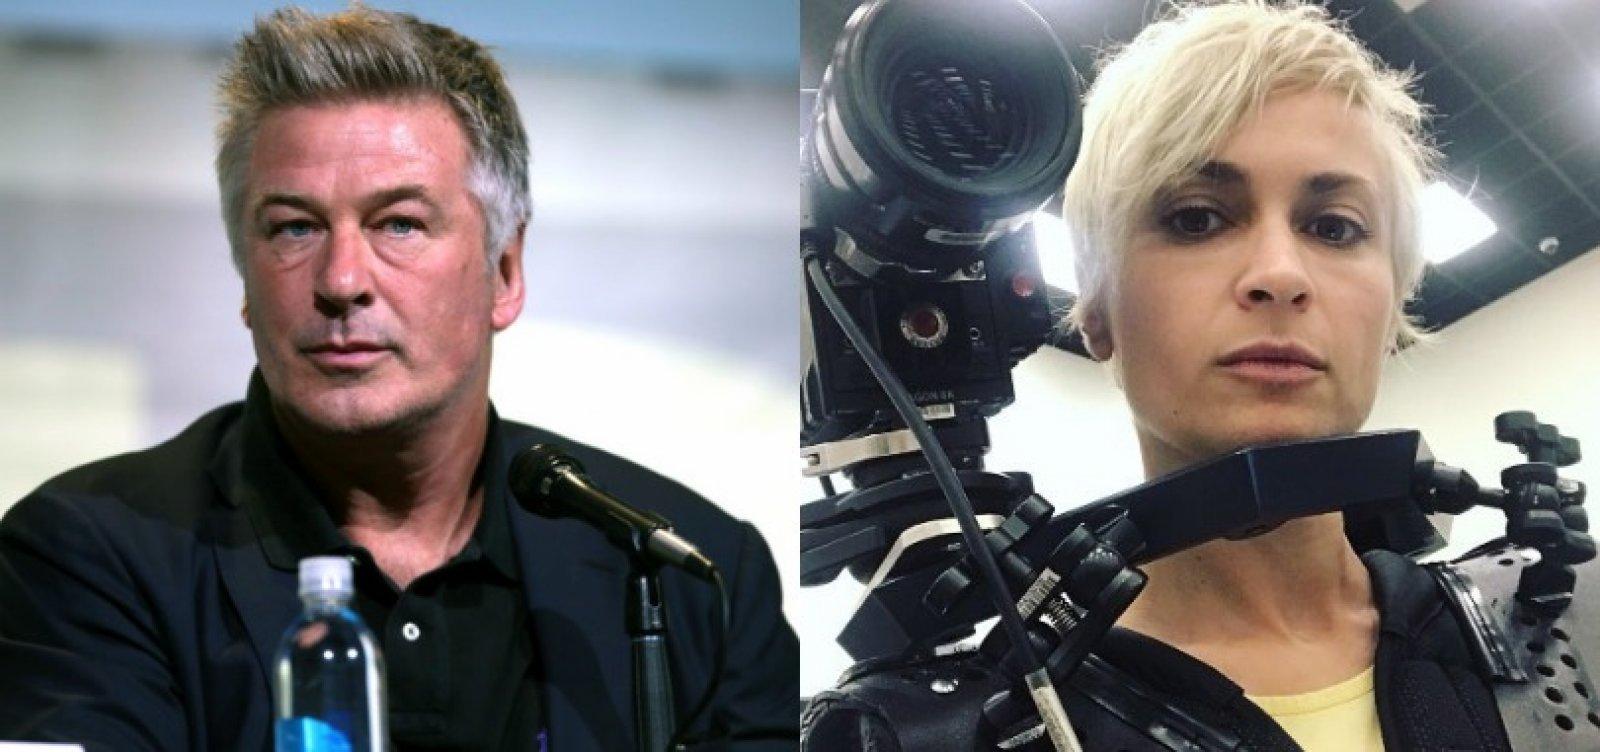 Alec Baldwin foi informado de que arma era segura antes disparar em set de filmagem